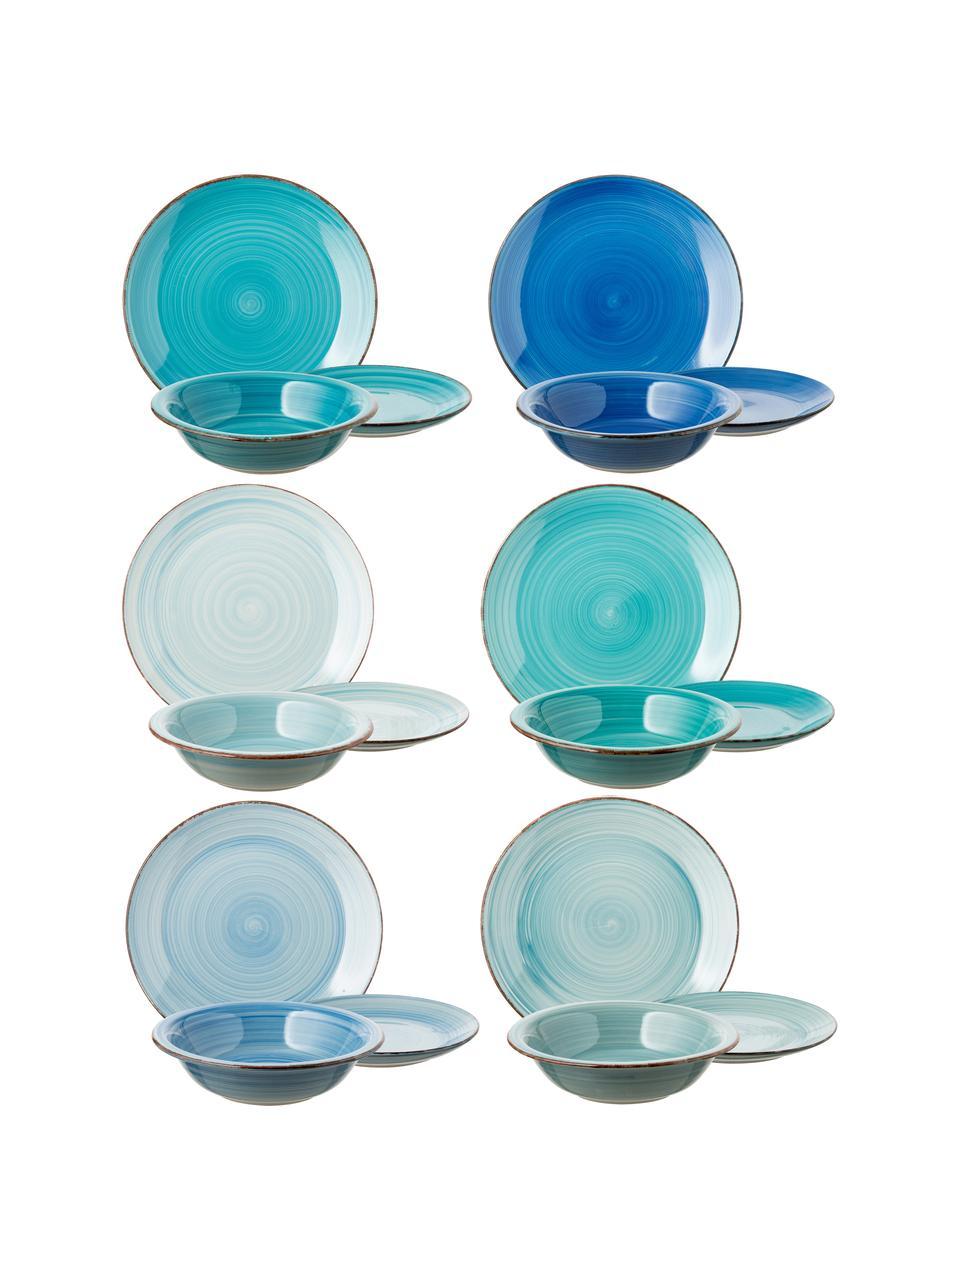 Handbeschilderde serviesset Baita in blauwe tinten, 6 personen (18-delig), Handbeschilderde keramiek (hard dolomiet), Blauwtinten, Set met verschillende formaten